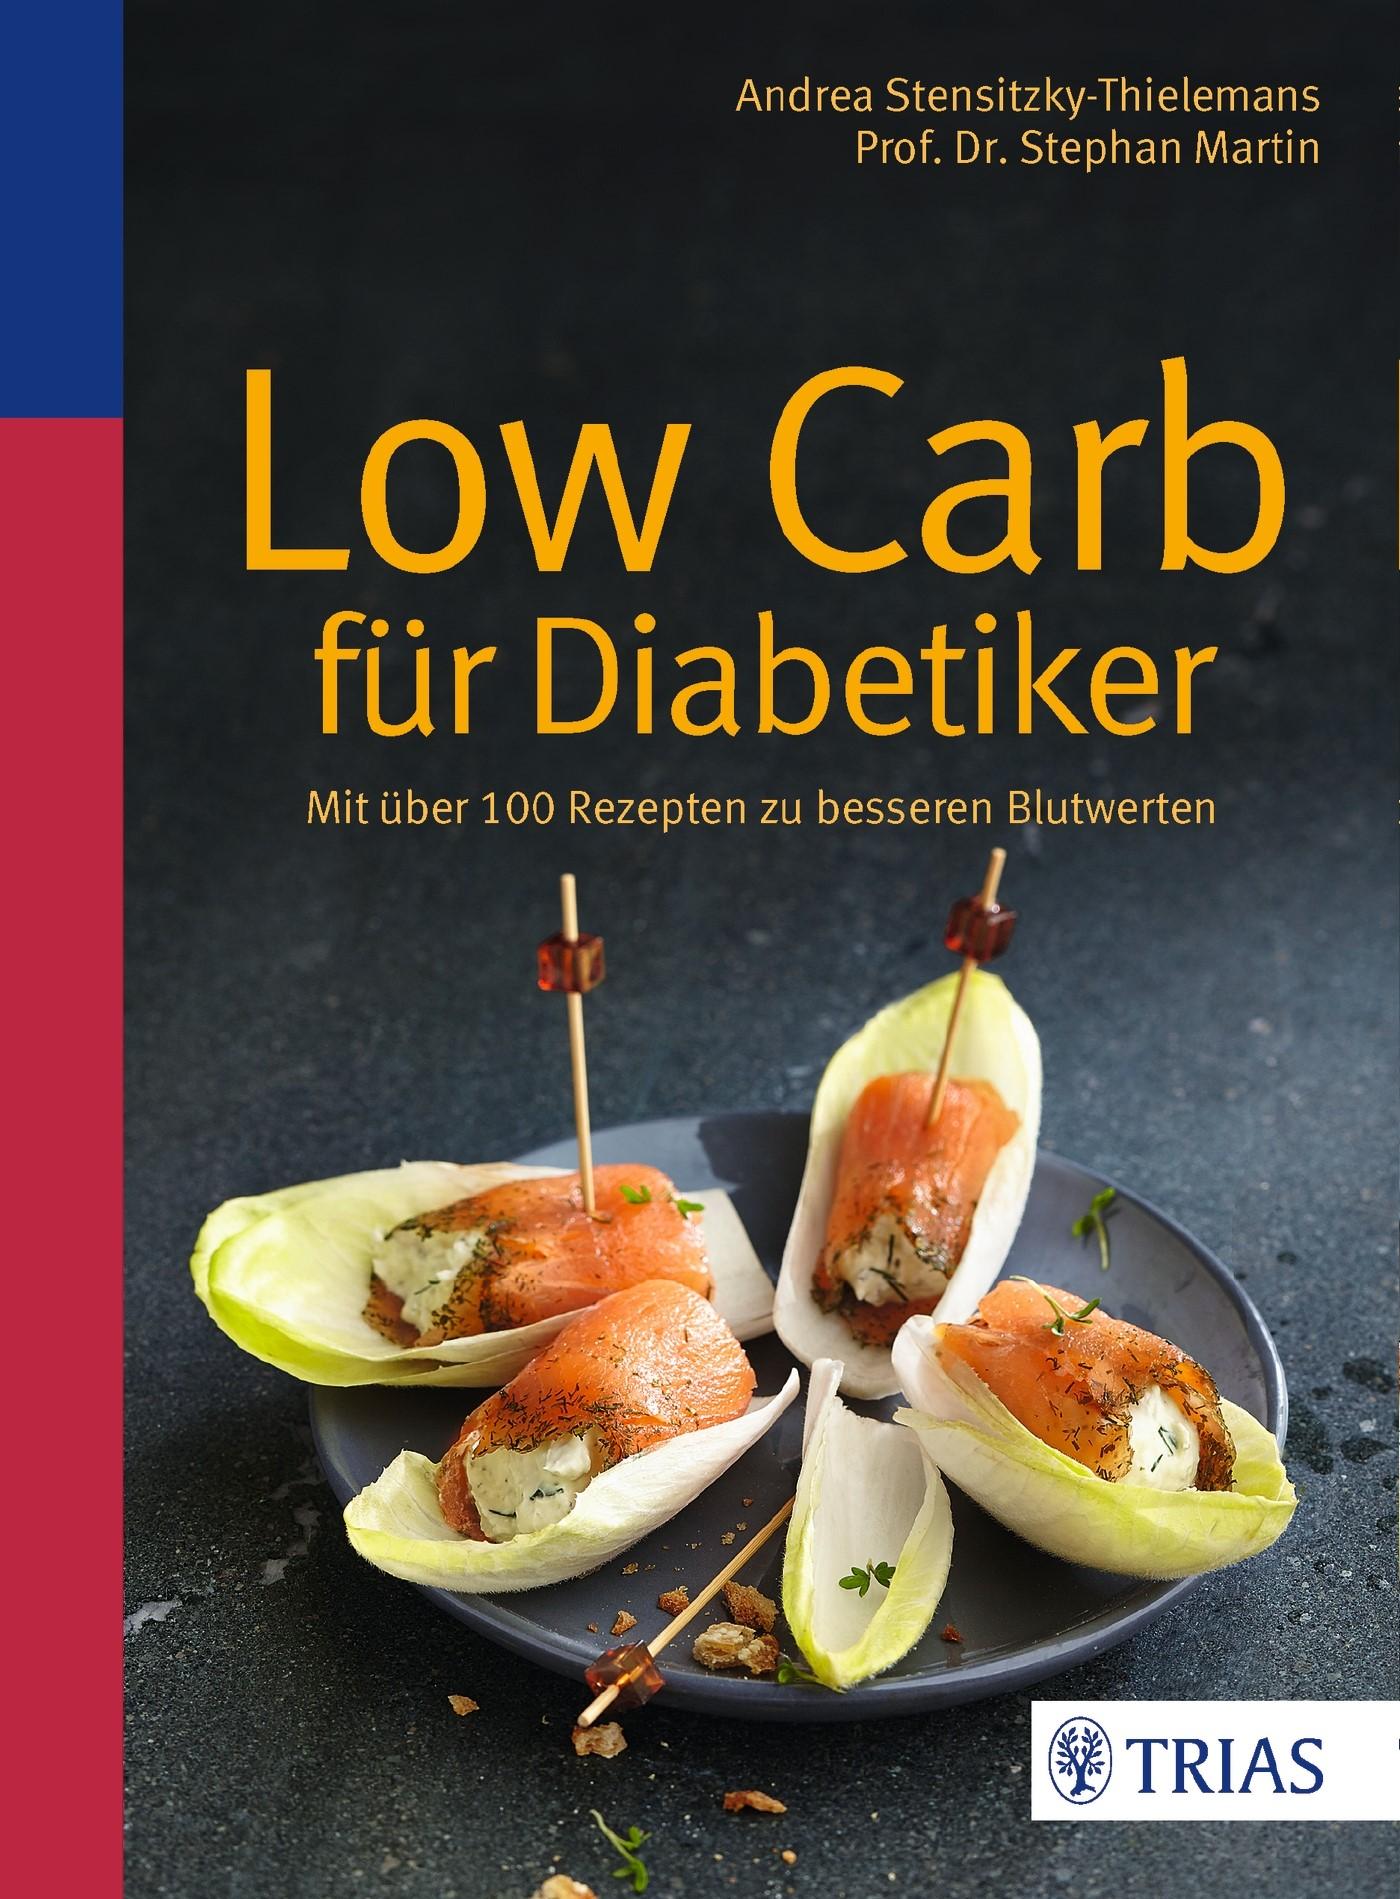 Abbildung von Stensitzky-Thielemans / Martin | Low Carb für Diabetiker | 2016